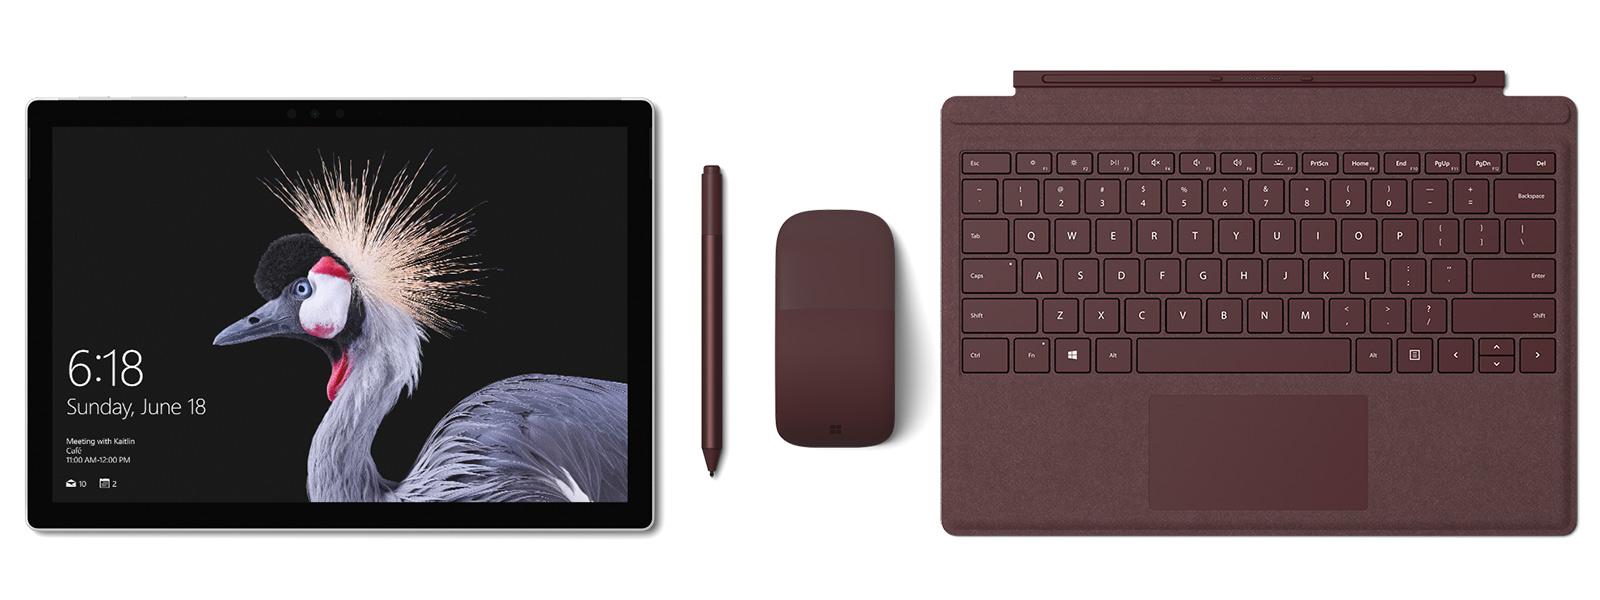 酒紅色 Surface Pro 與 Surface Pro 特製版實體鍵盤保護蓋、Surface 手寫筆和 Surface Arc Mouse 的影像。Surface 手寫筆隨同。